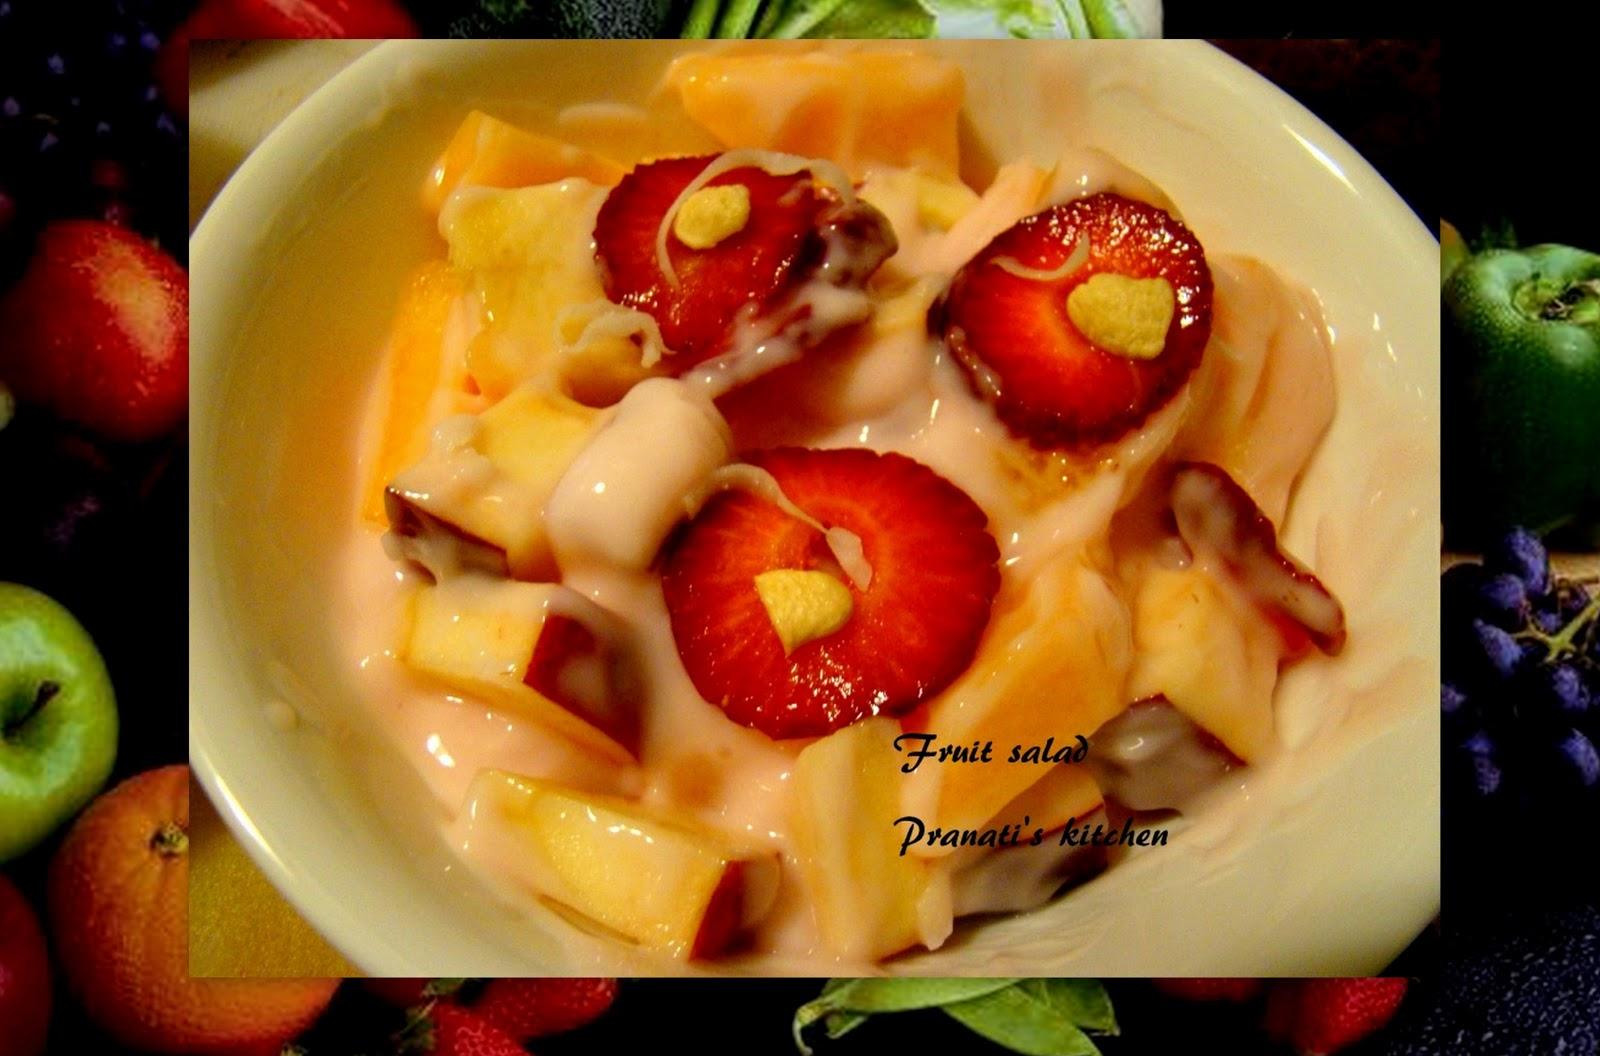 Fruit salad yummy youtube - 1